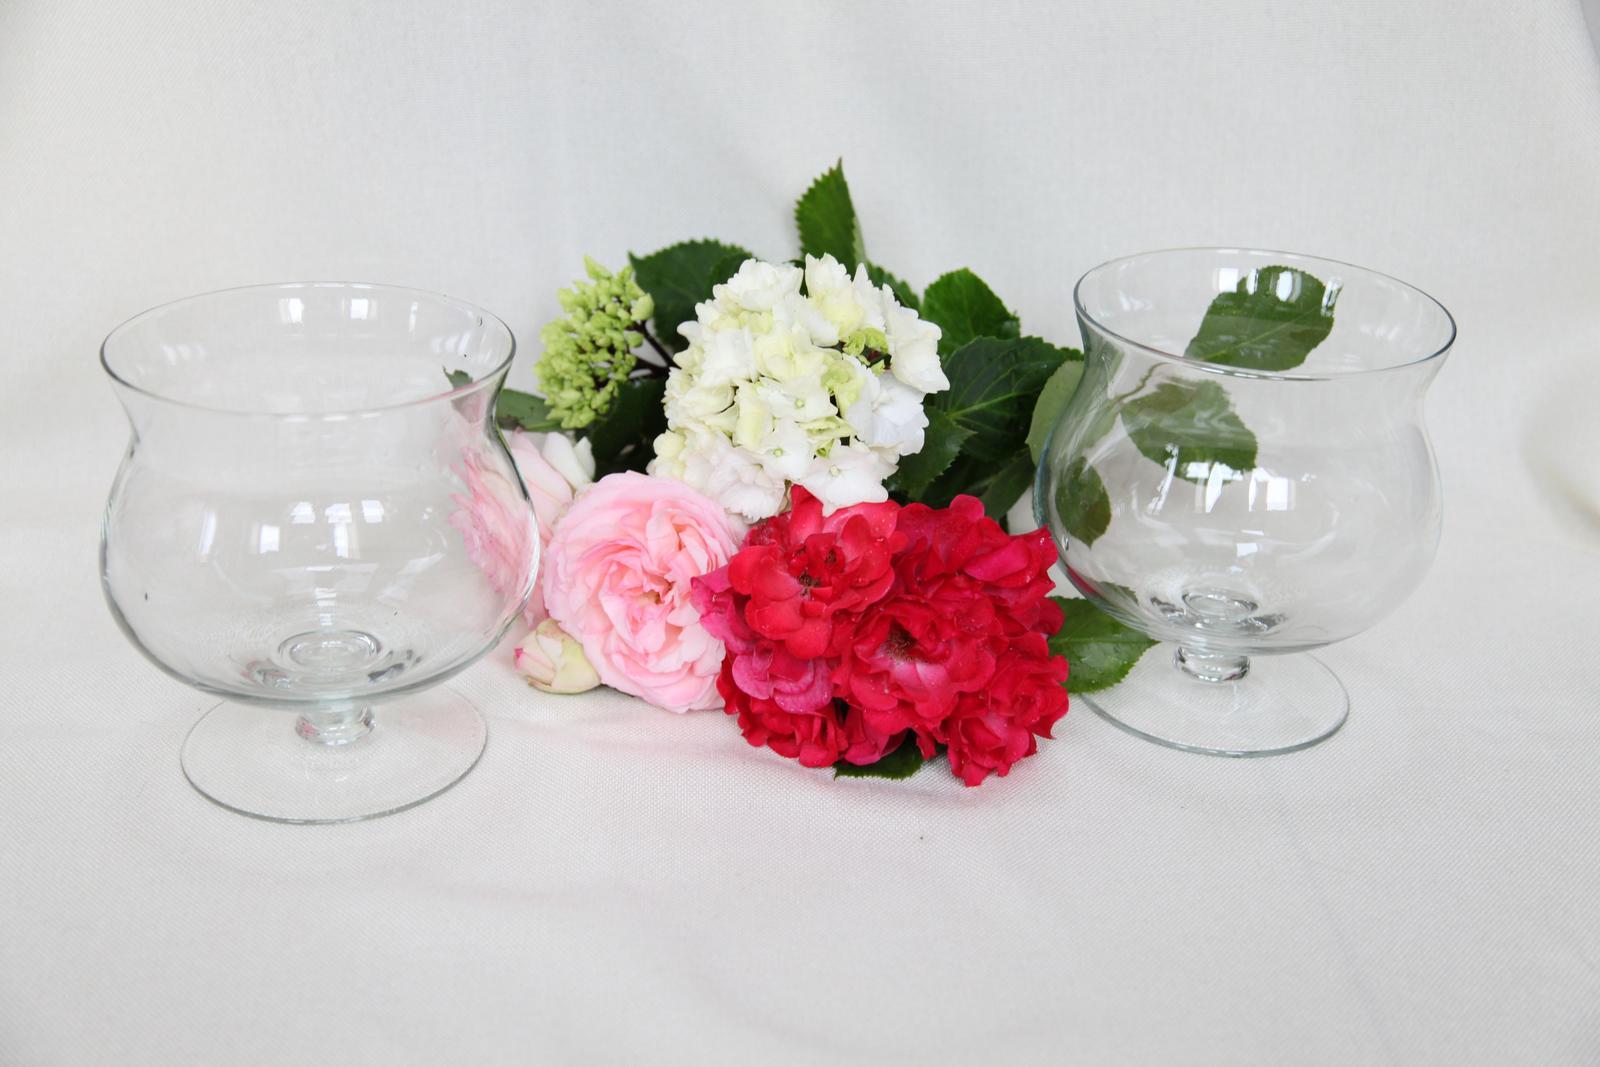 Sklenené vázy na prenájom - Obrázok č. 1